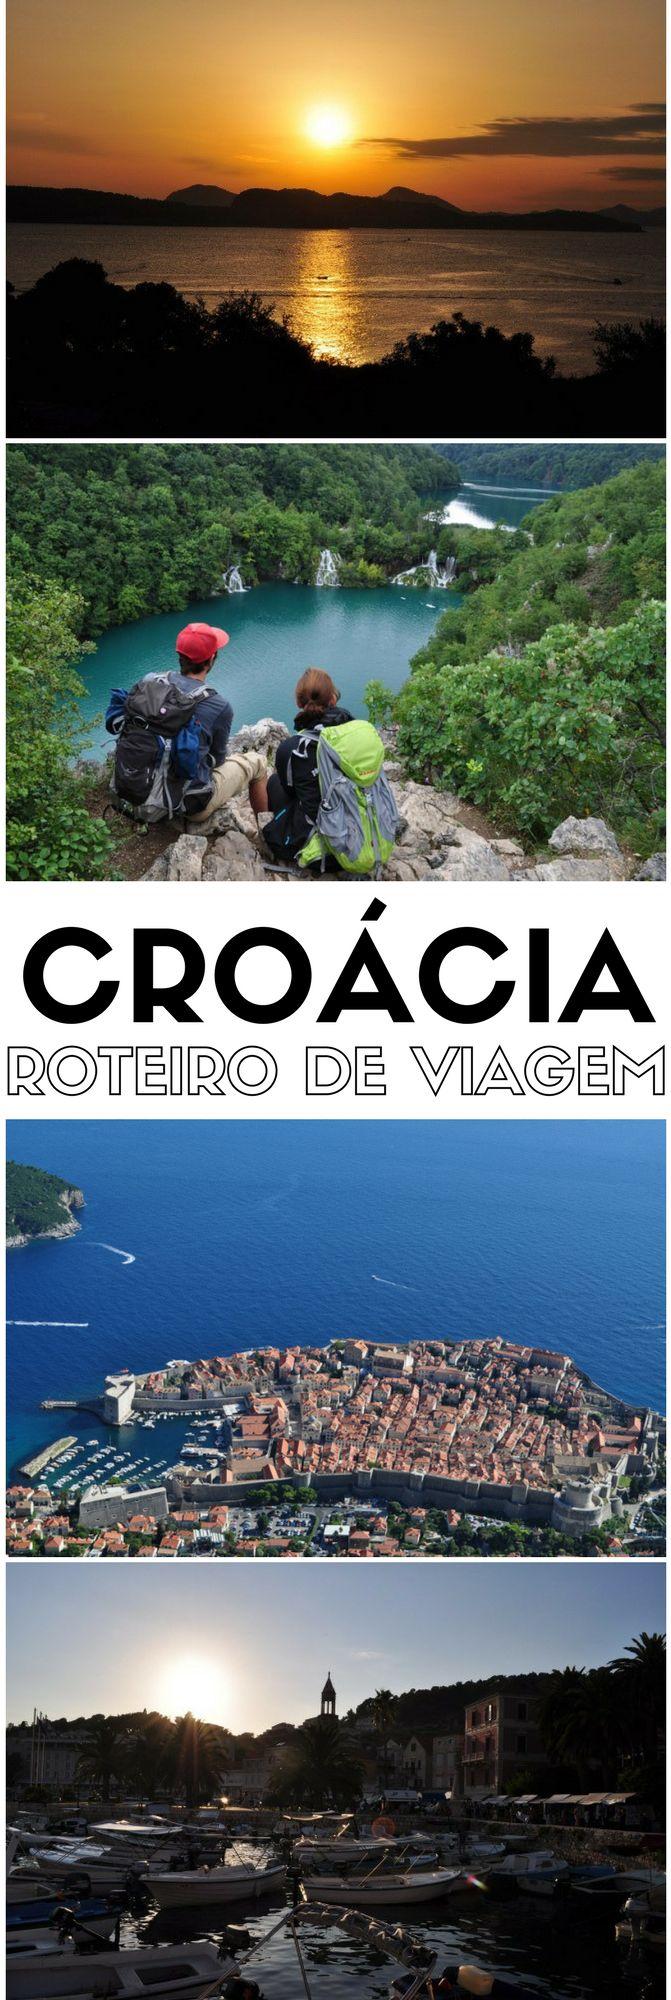 Nosso planejamento, roteiro, hotel e transporte de nossa viagem pela #Croácia, onde visitamos cidades como de #Dubrovnik, #Hvar, #Zagreb, #Zadar e #Plitvice